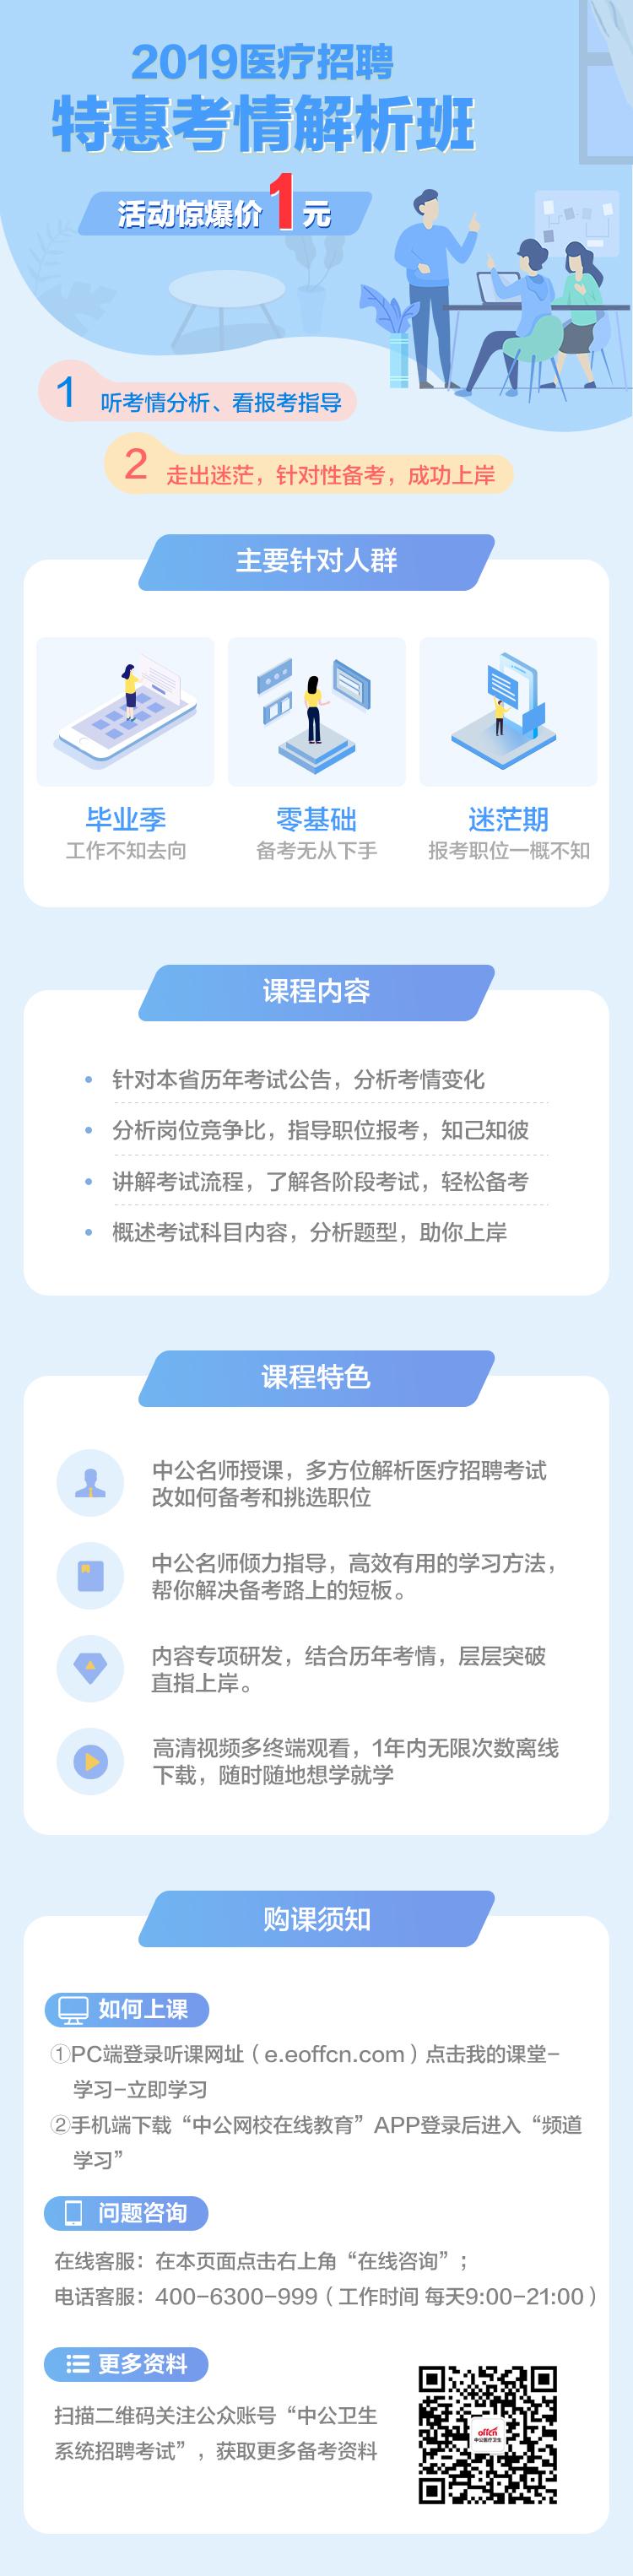 2019�t��招聘-考情活�诱n.jpg